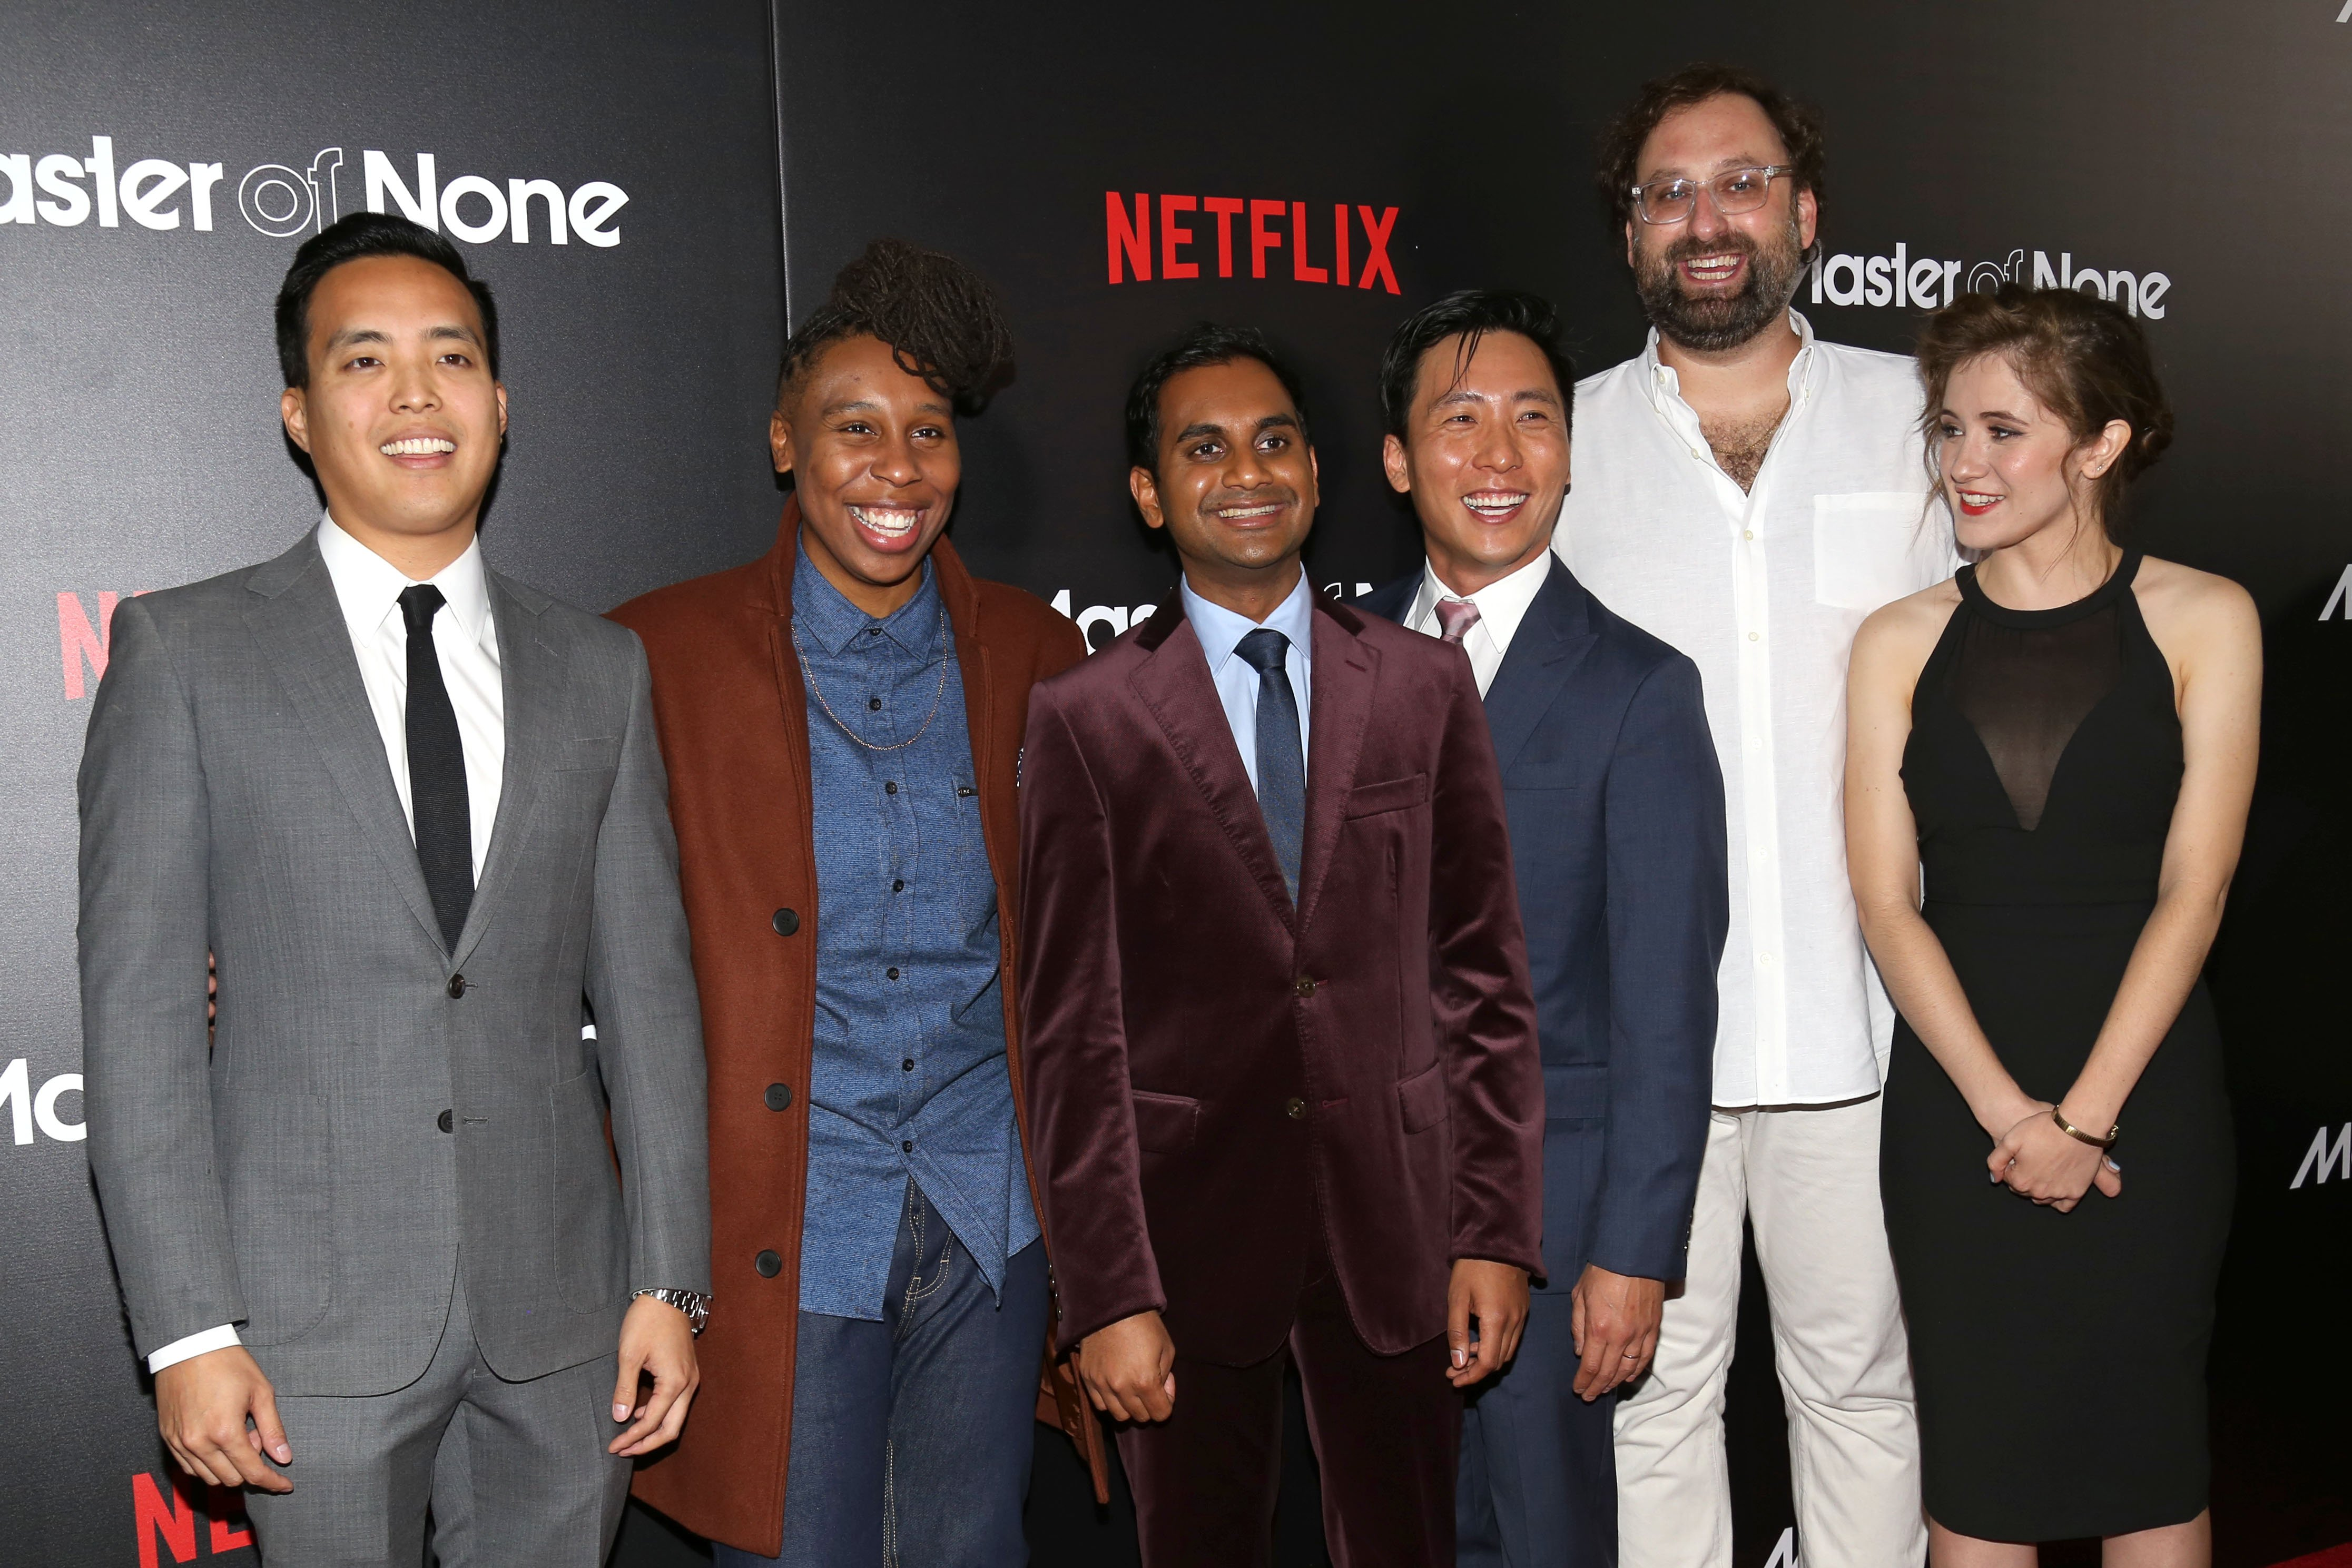 Image: Alan Yang, Lena Waithe, Aziz Ansari, Kelvin Lu, Eric Wareheim, Noel Wells